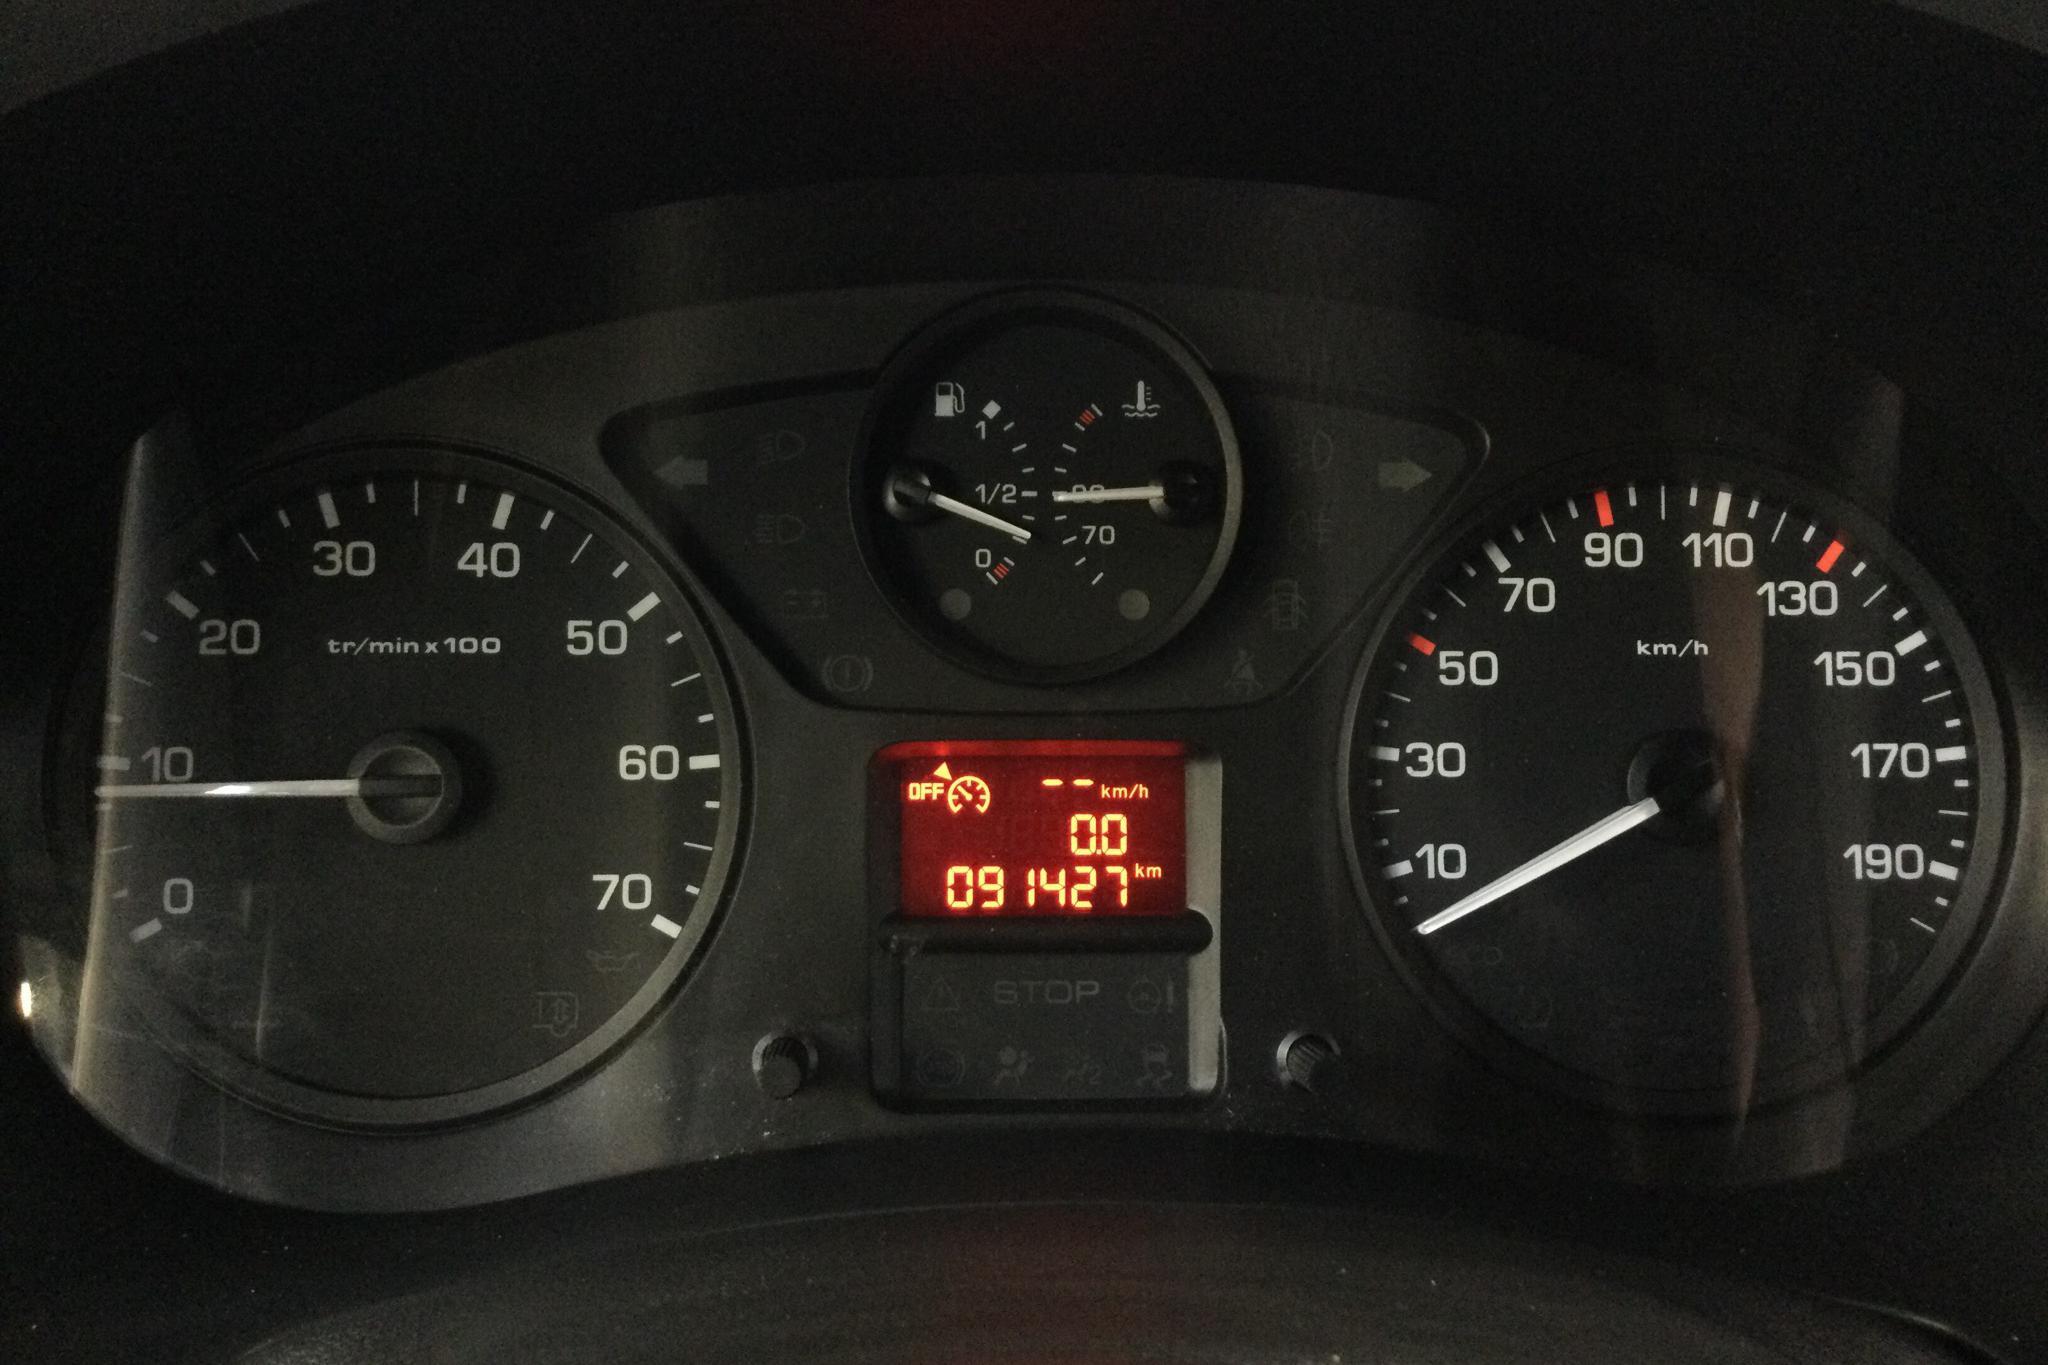 Peugeot Partner 1.6 BlueHDI Skåp (100hk) - 9 142 mil - Manuell - 2018